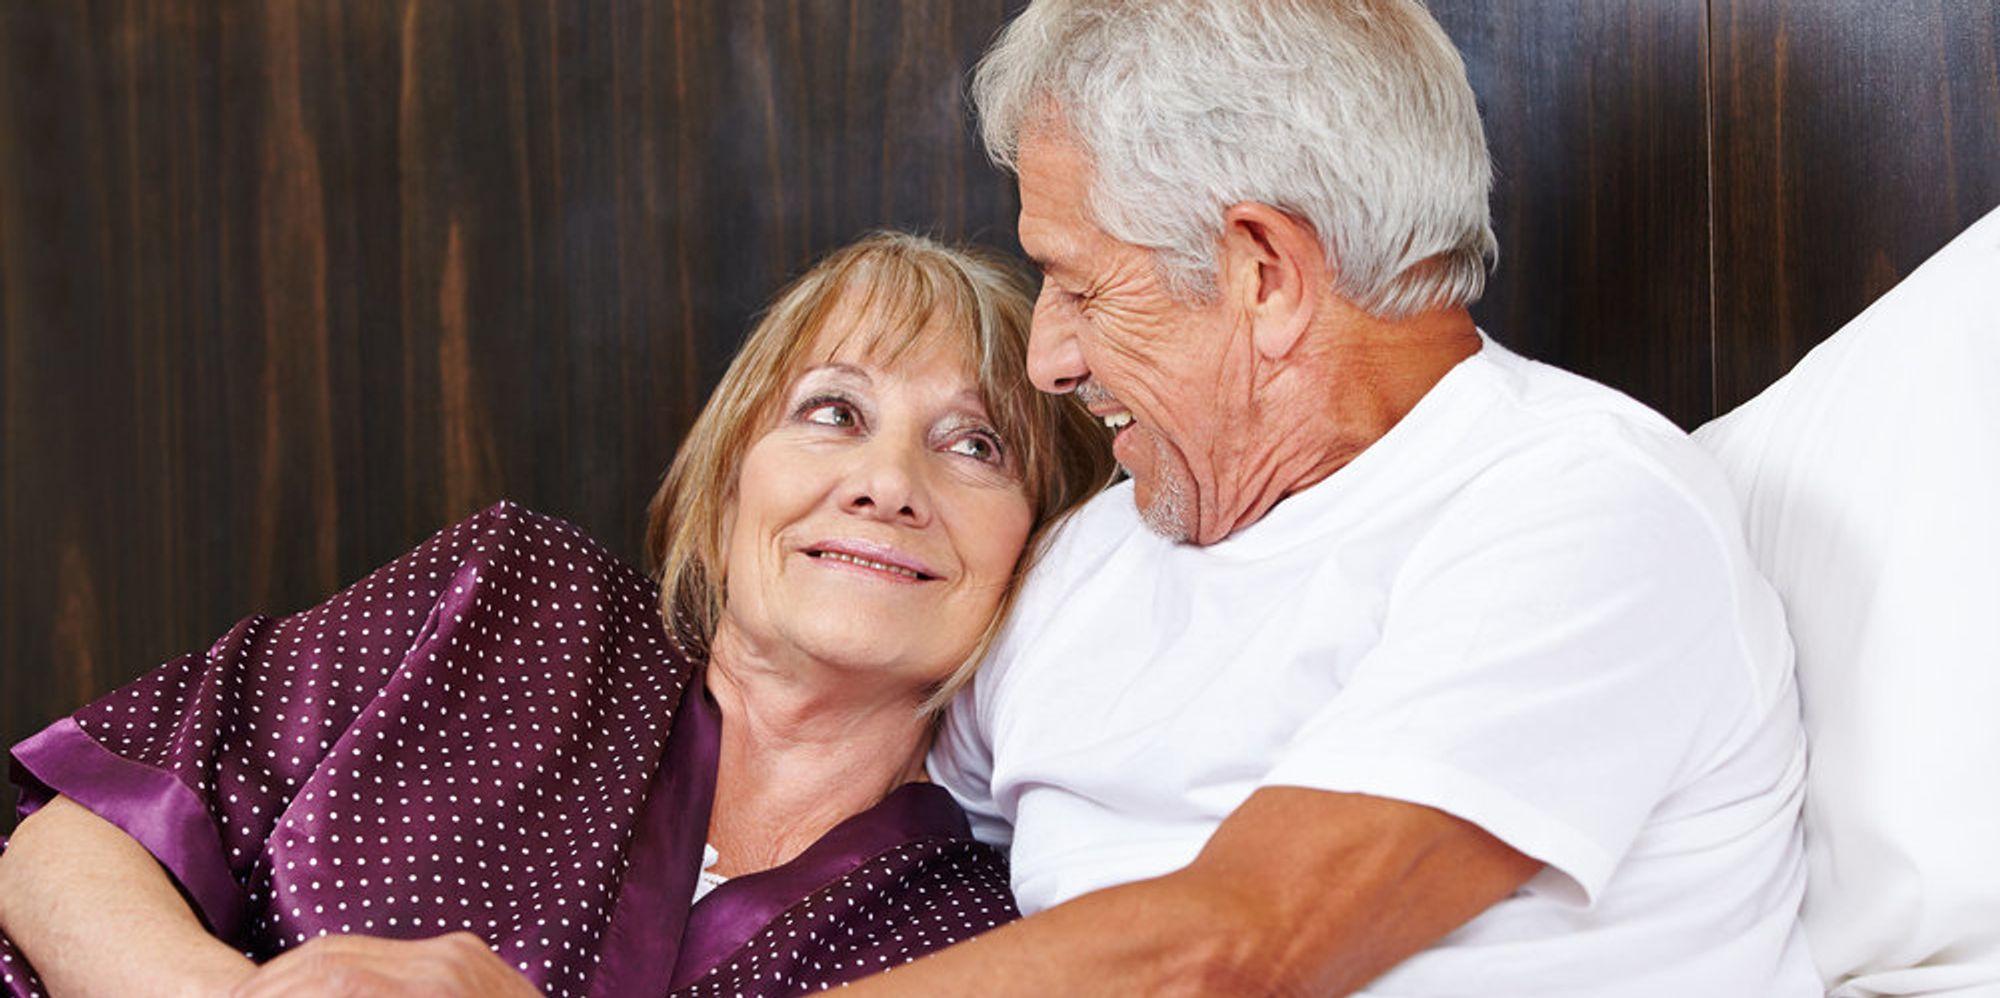 seniordate senior kvinder søger sex